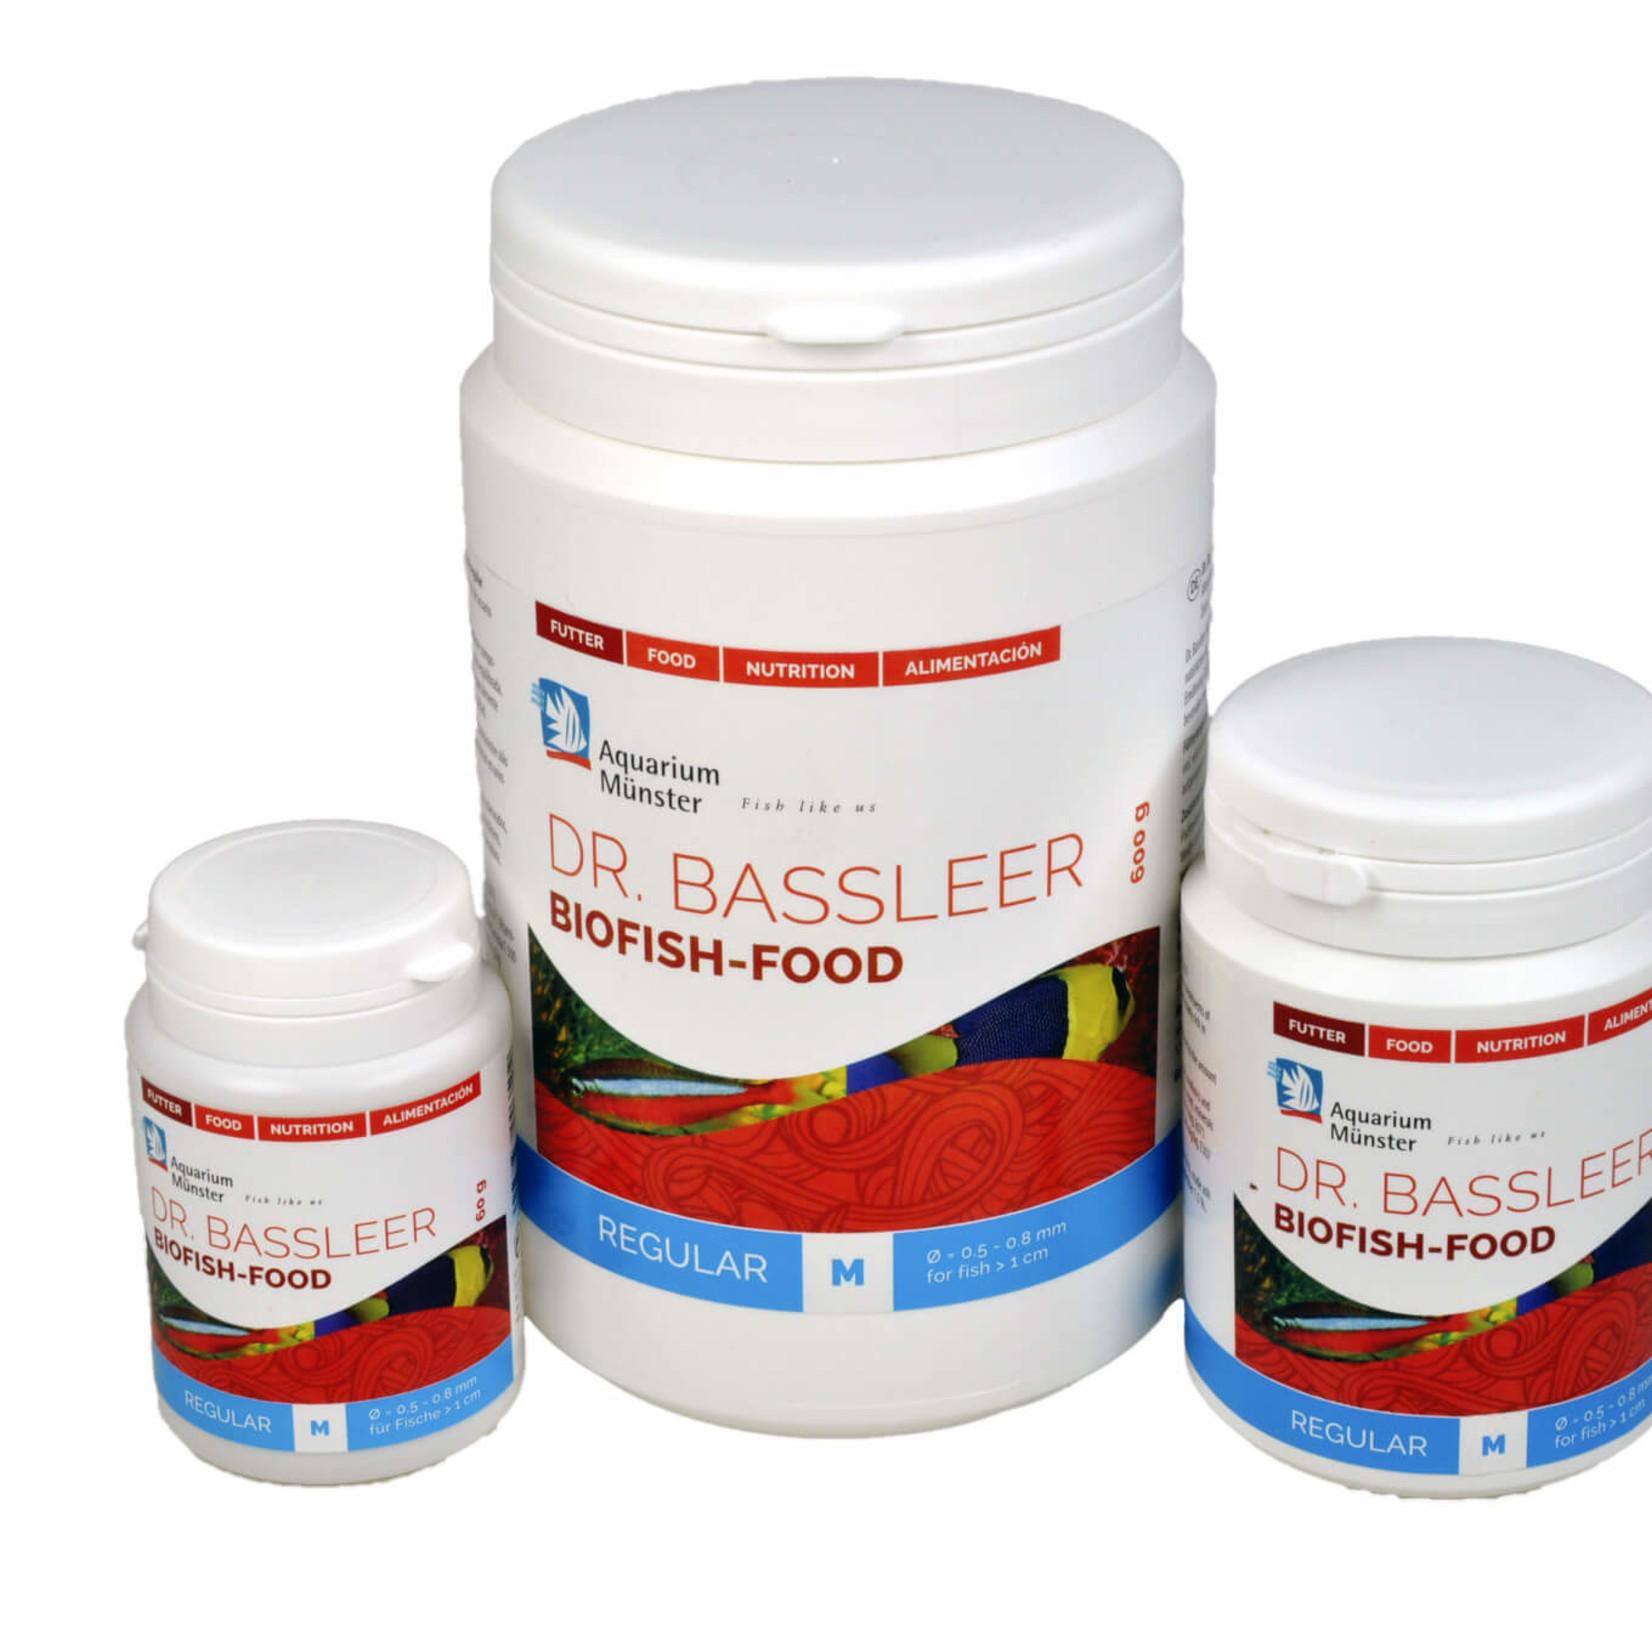 BioFishFood Dr. Bassleer Biofish Food Regular